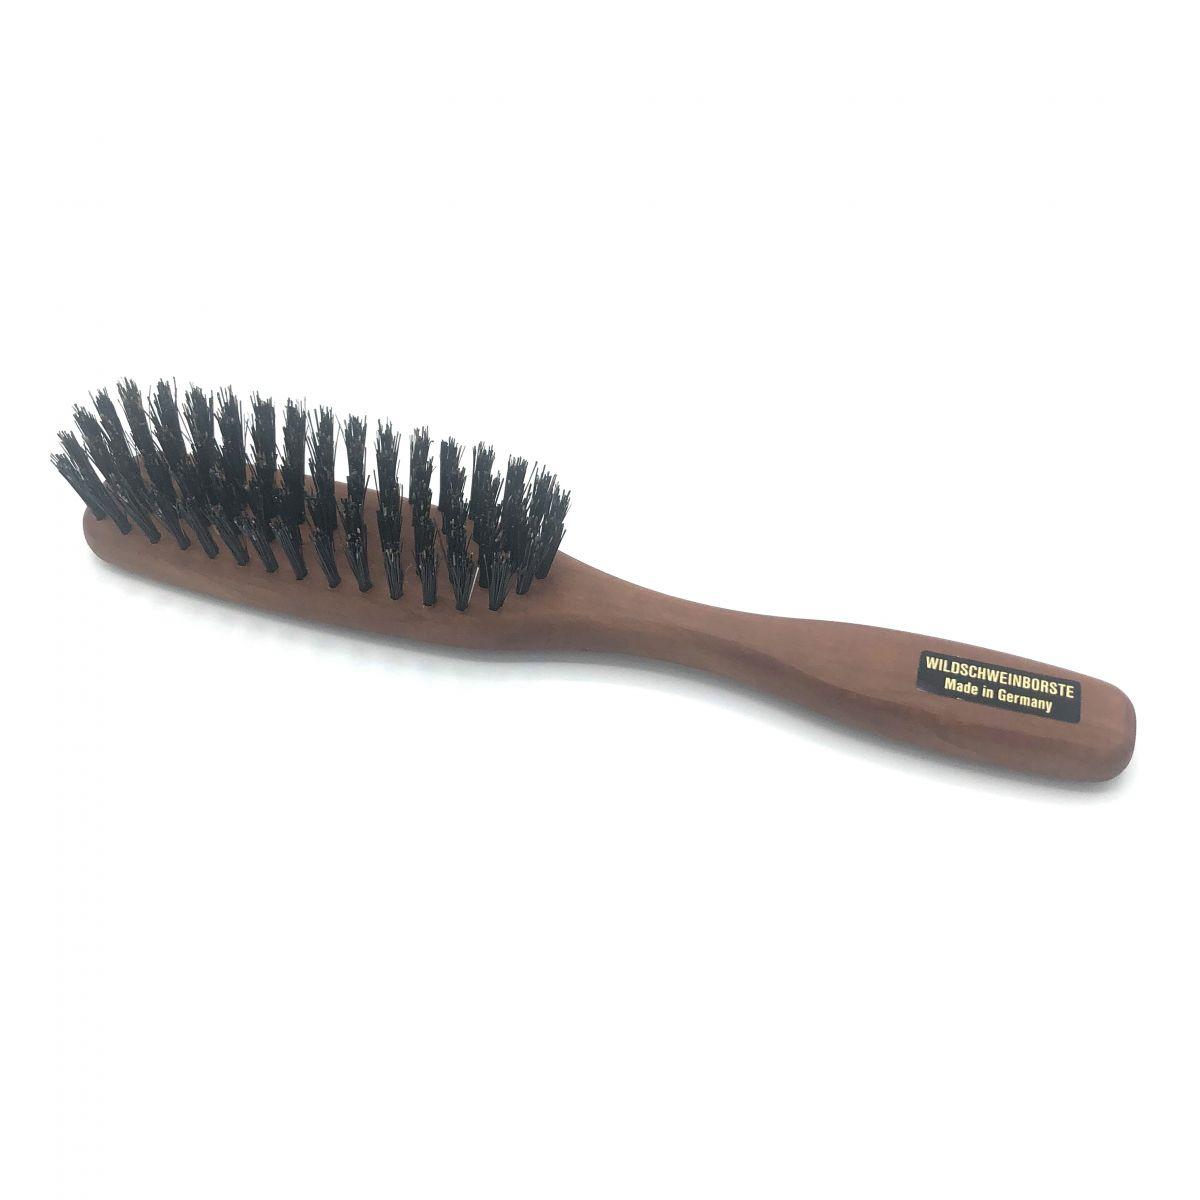 Haarbürste schmal mit festen Wildschweinborsten